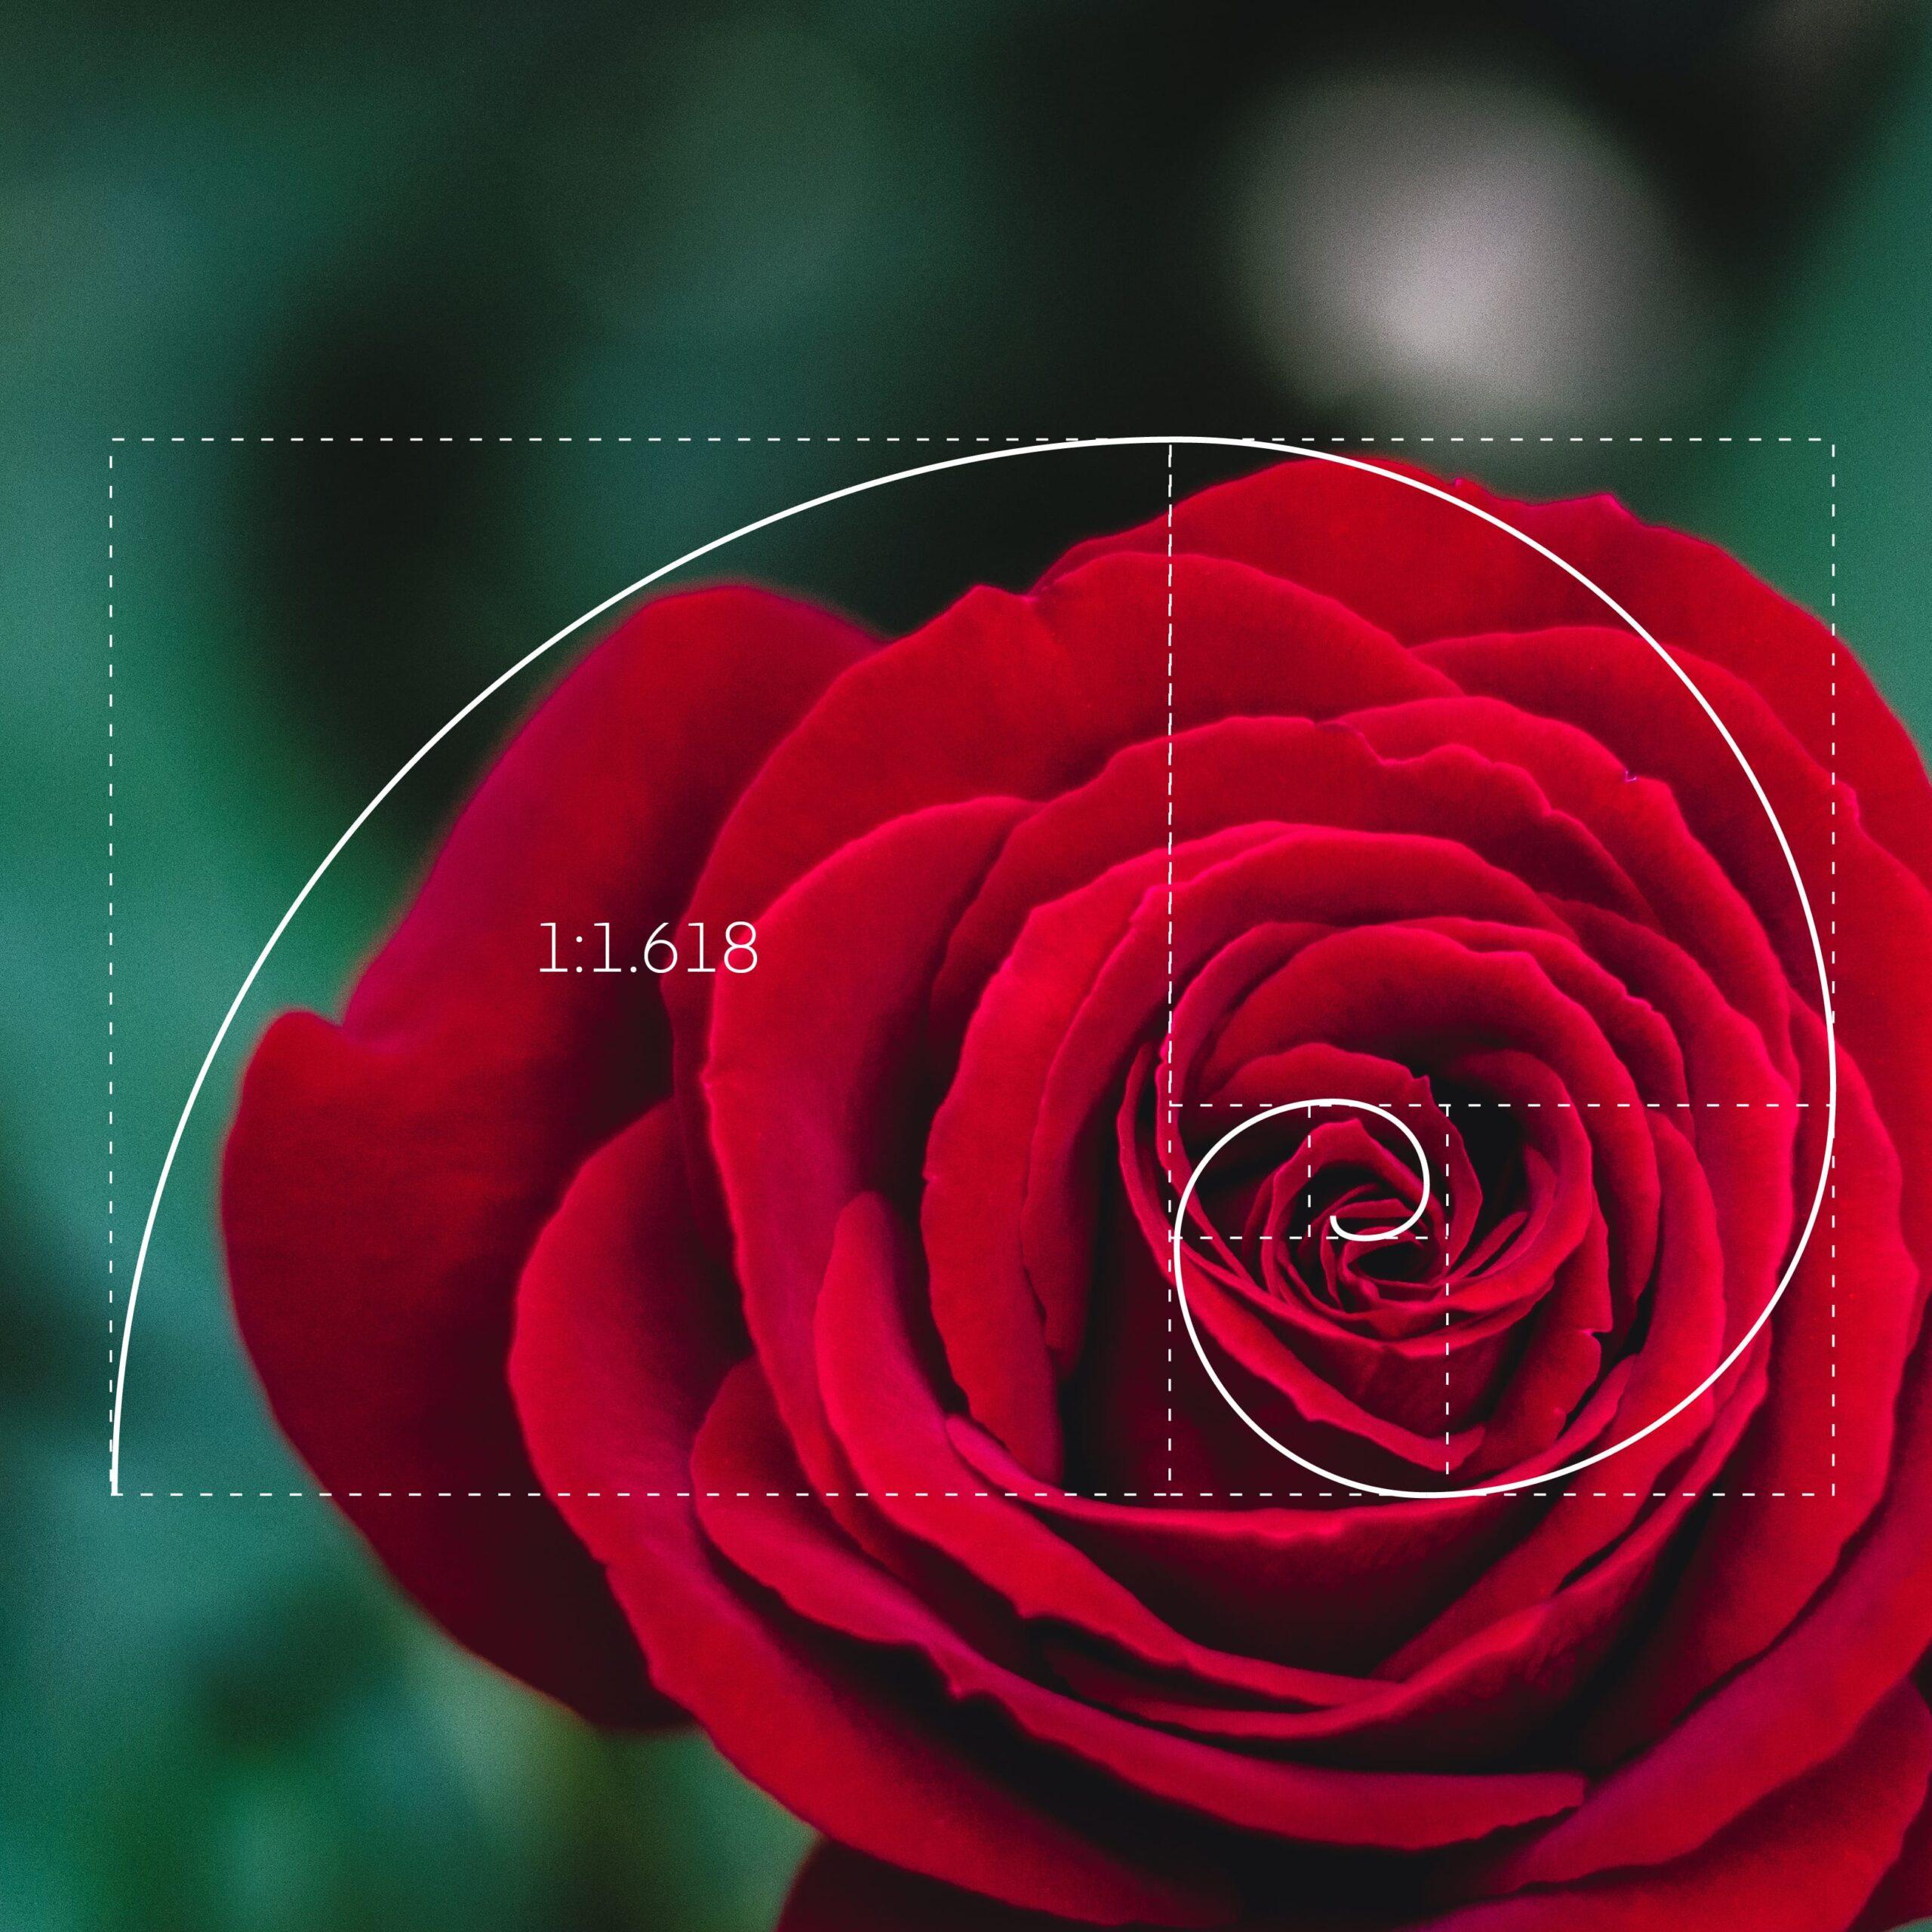 le proporzioni della spirale della golden ratio riscontrate in una rosa rossa